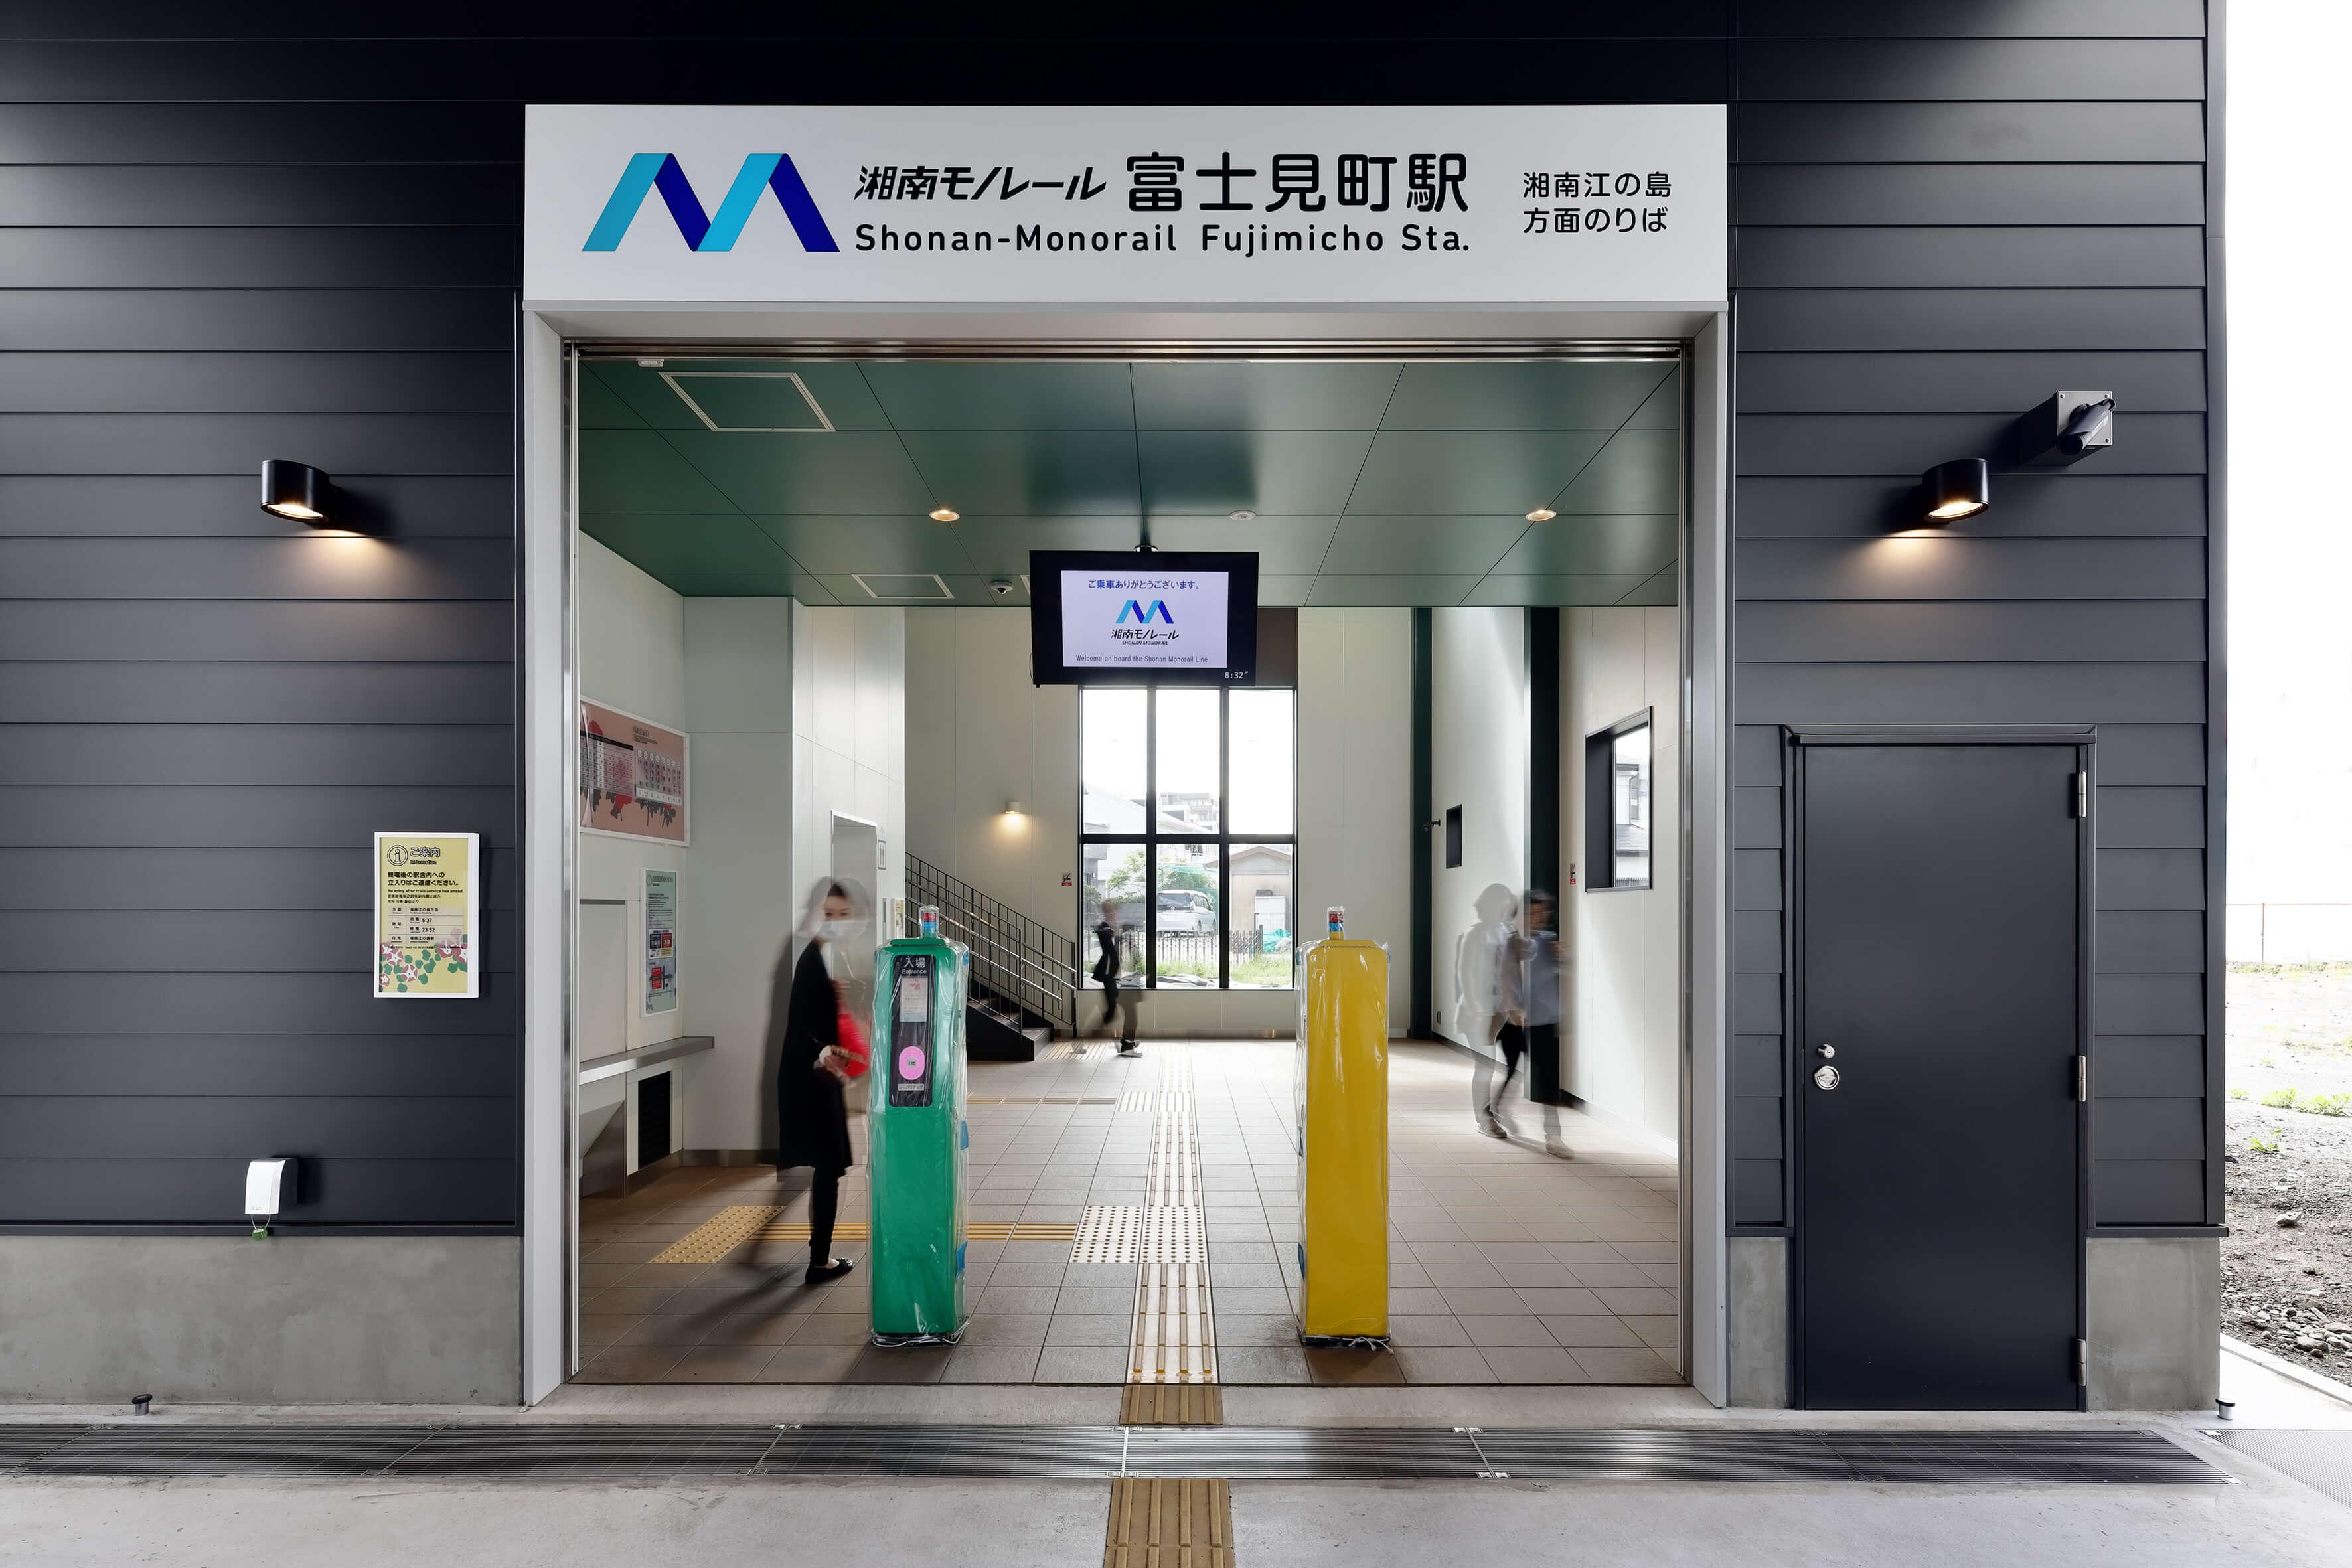 湘南モノレール 富士見町駅舎(下り)駅舎